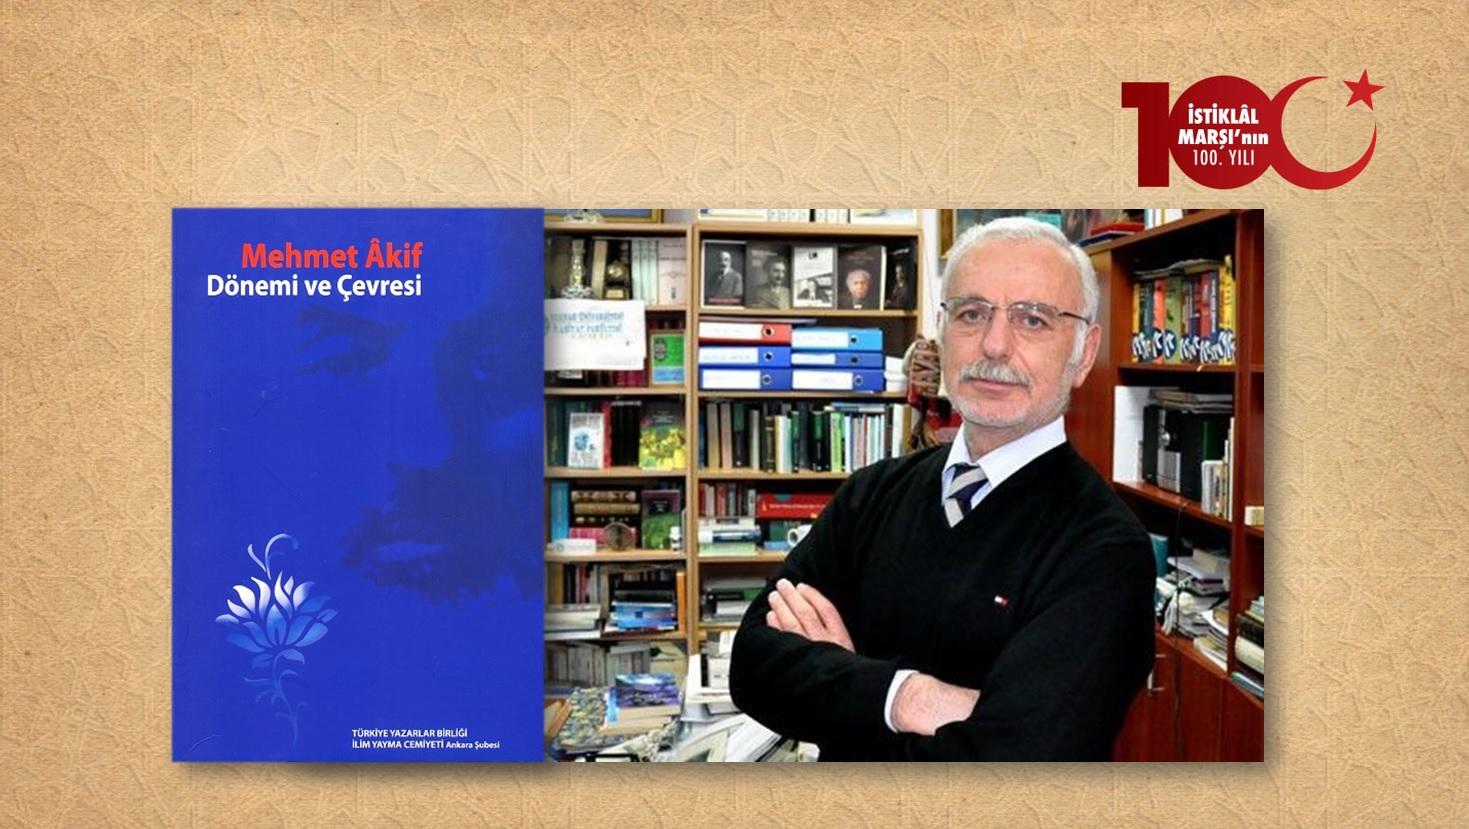 Prof. Dr. Mustafa Kara: Âkif'in Hayran Olduğu Şahsiyetler